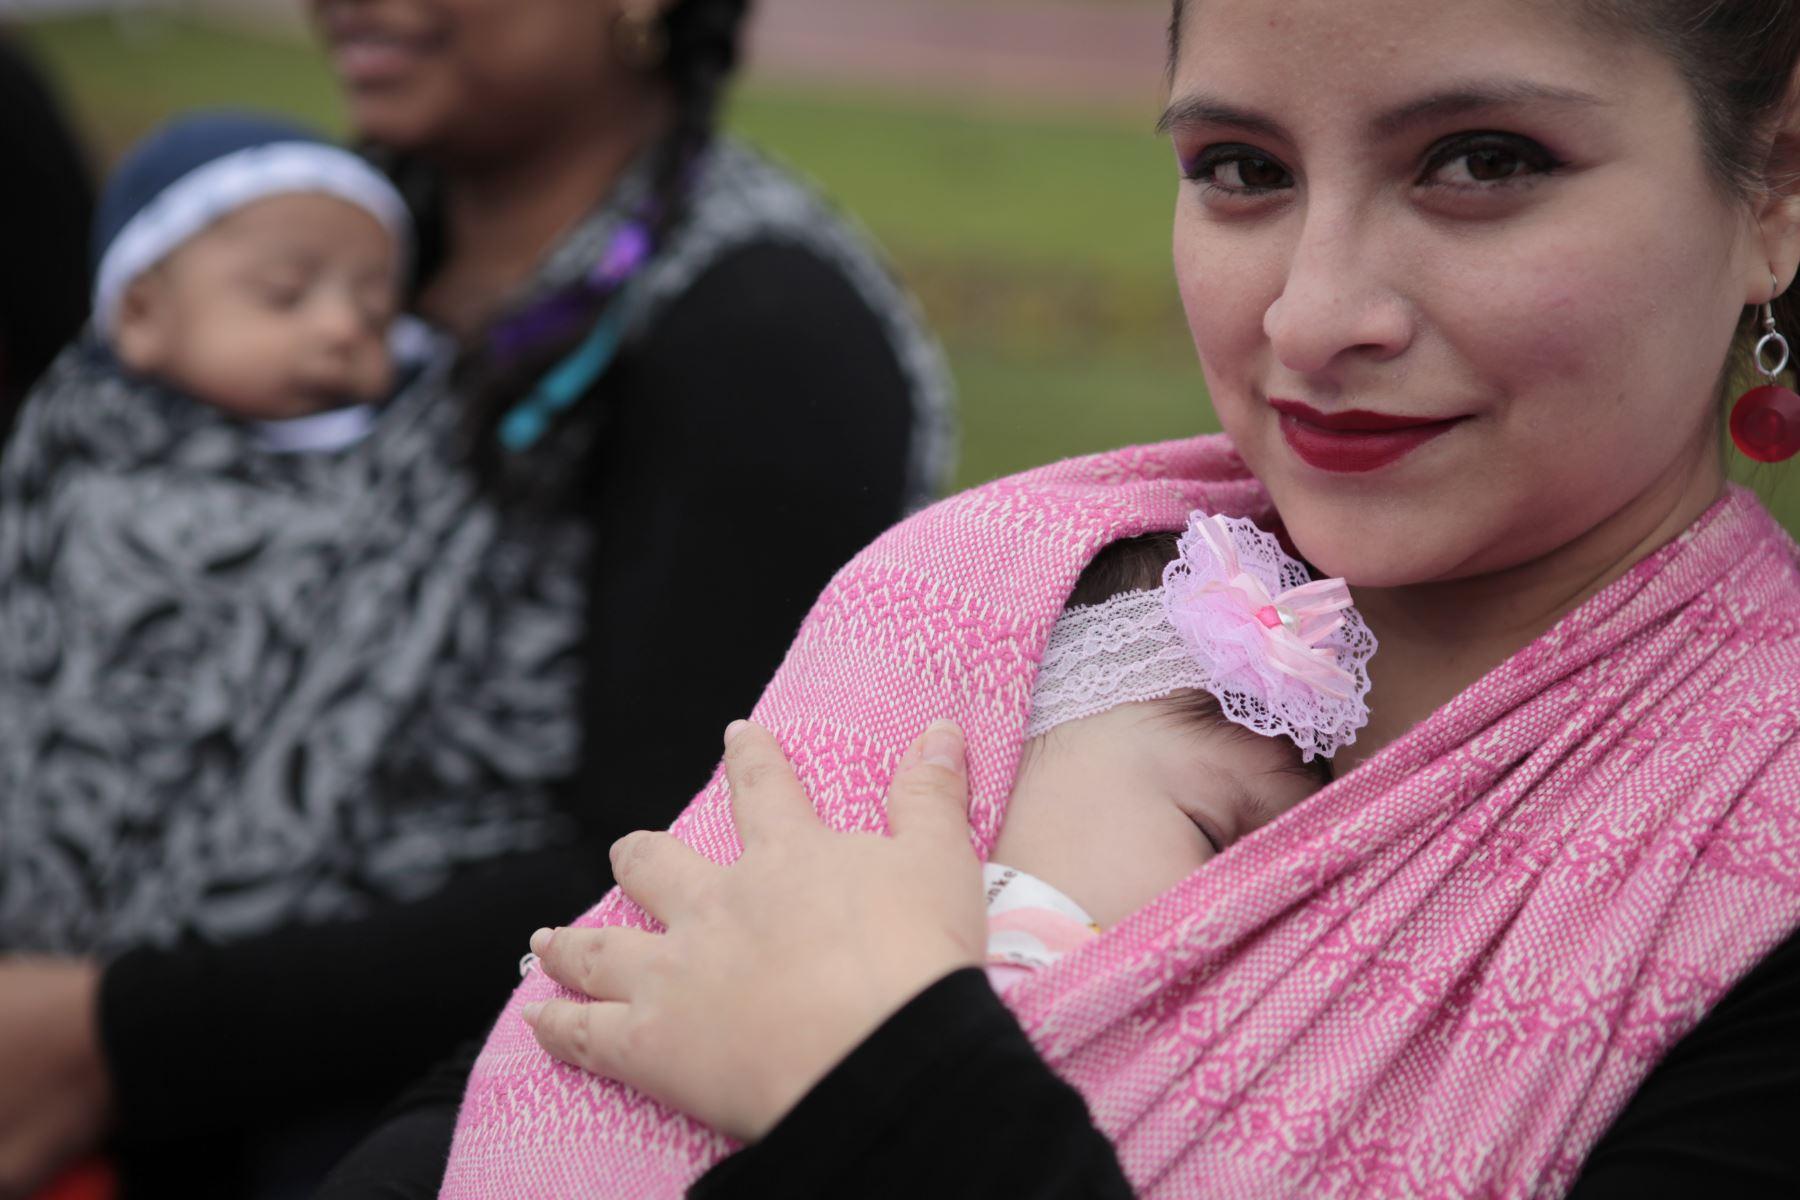 Feria de cuidados preventivos, en el marco de la Semana de la Lactancia Materna en el parque Tupac Amaru del distrito de Magdalena del Mar. Foto: ANDINA/Miguel Mejía Castro